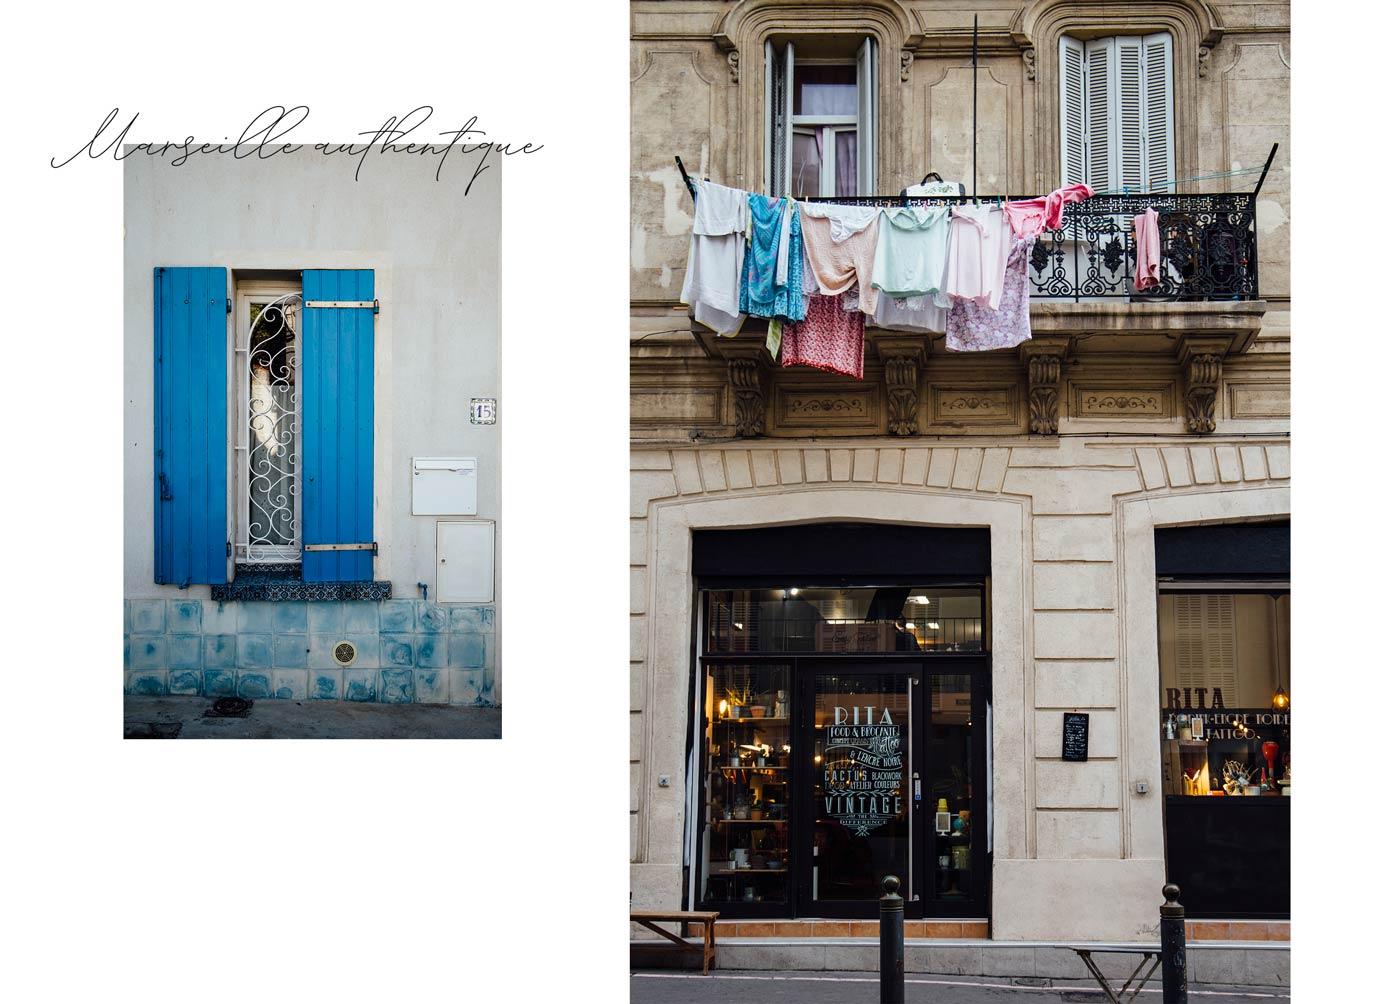 le Panier quartier typique de Marseille